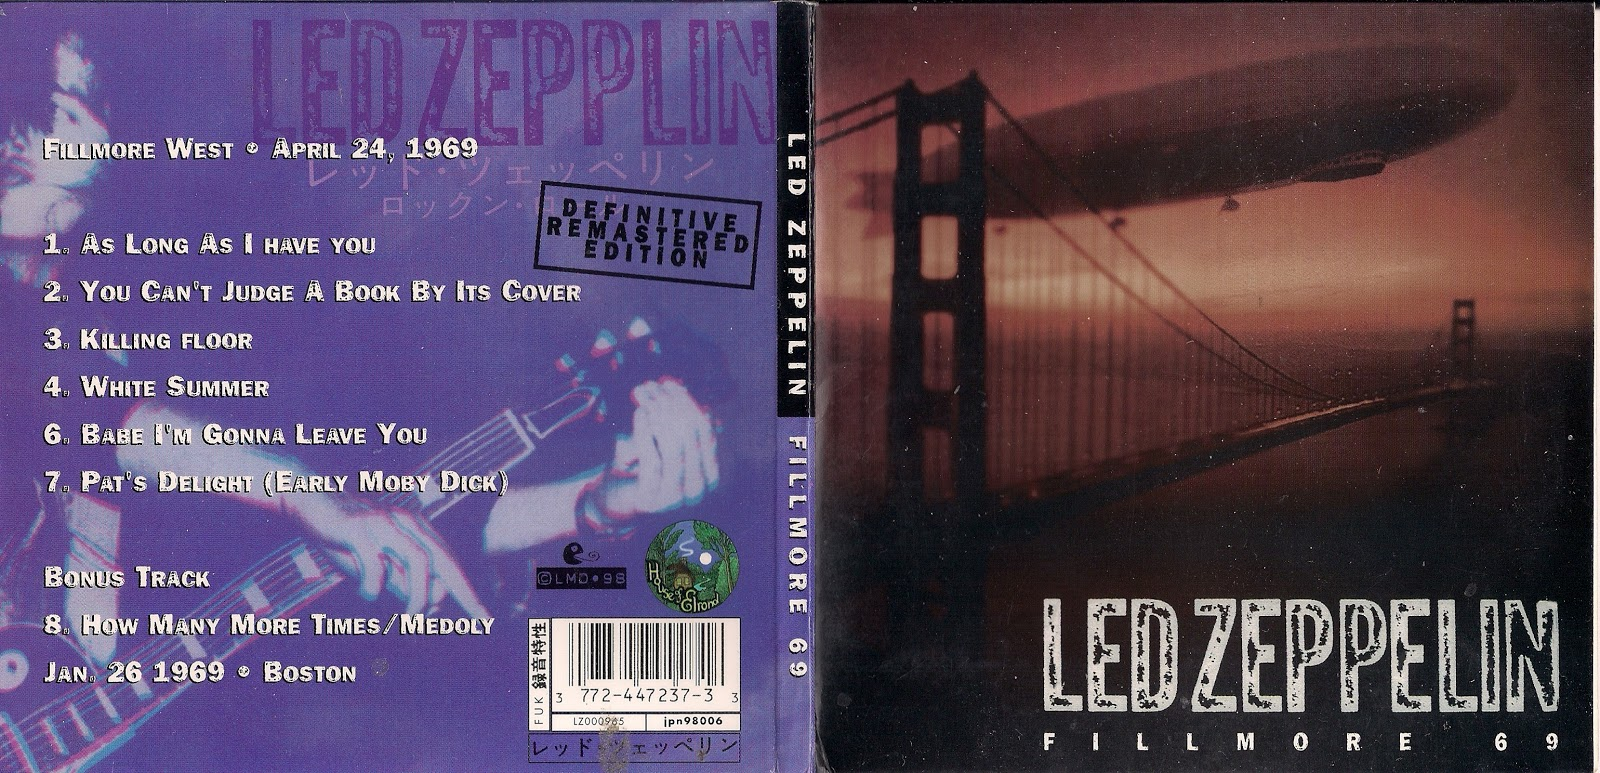 Led Zeppelin 24 192